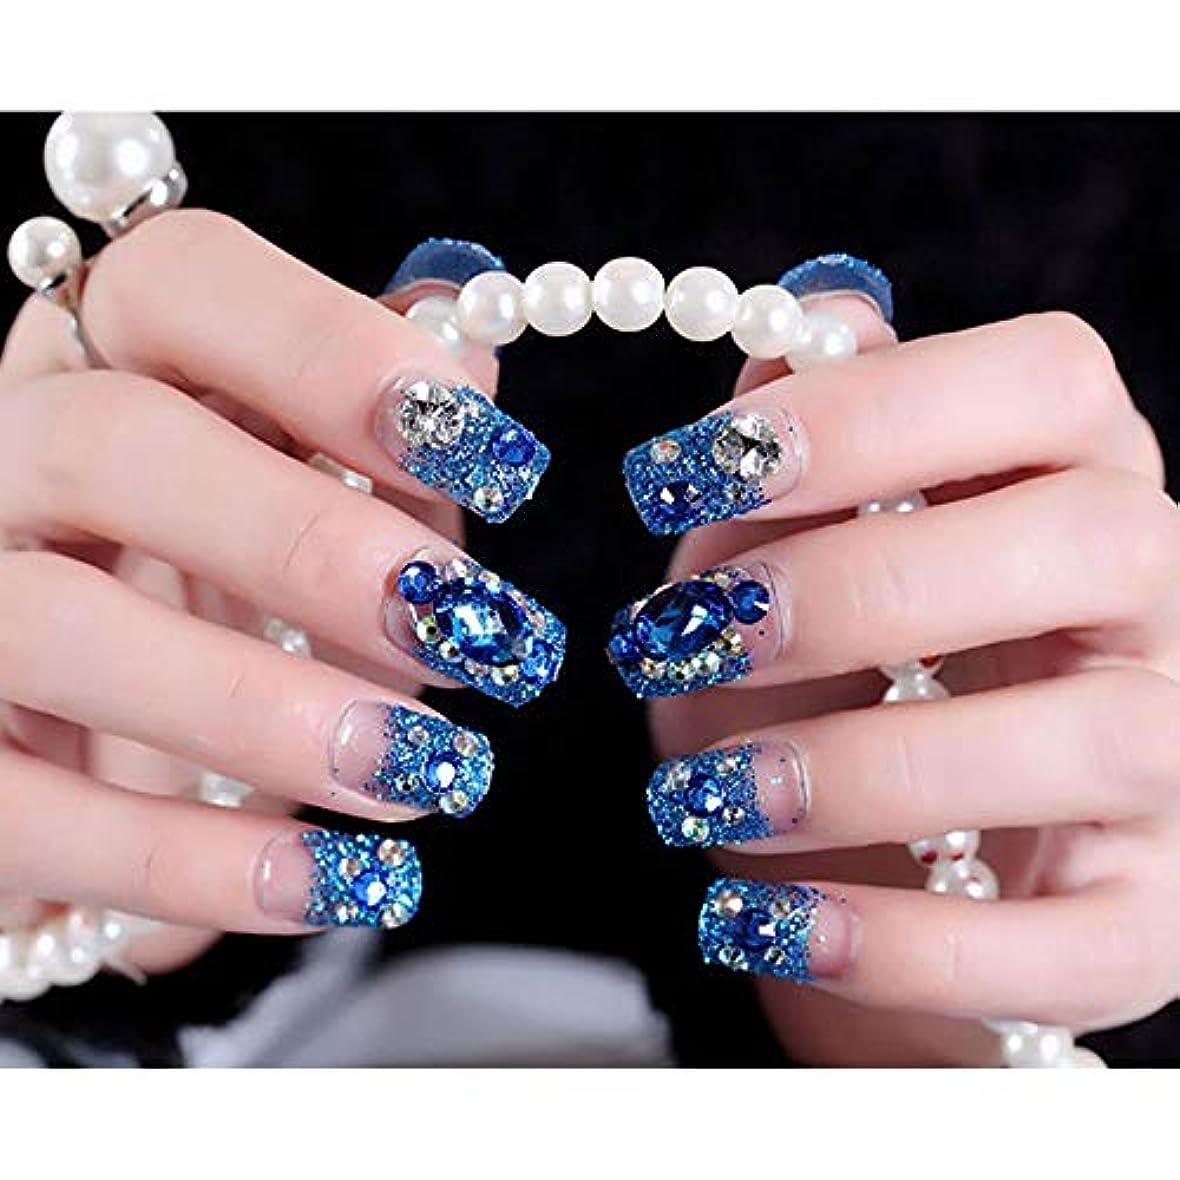 ガラガラ喉頭納税者XUTXZKA ラインストーンファッション偽ネイルフルカバー花嫁ネイルアートのヒントと輝く青い色偽ネイル